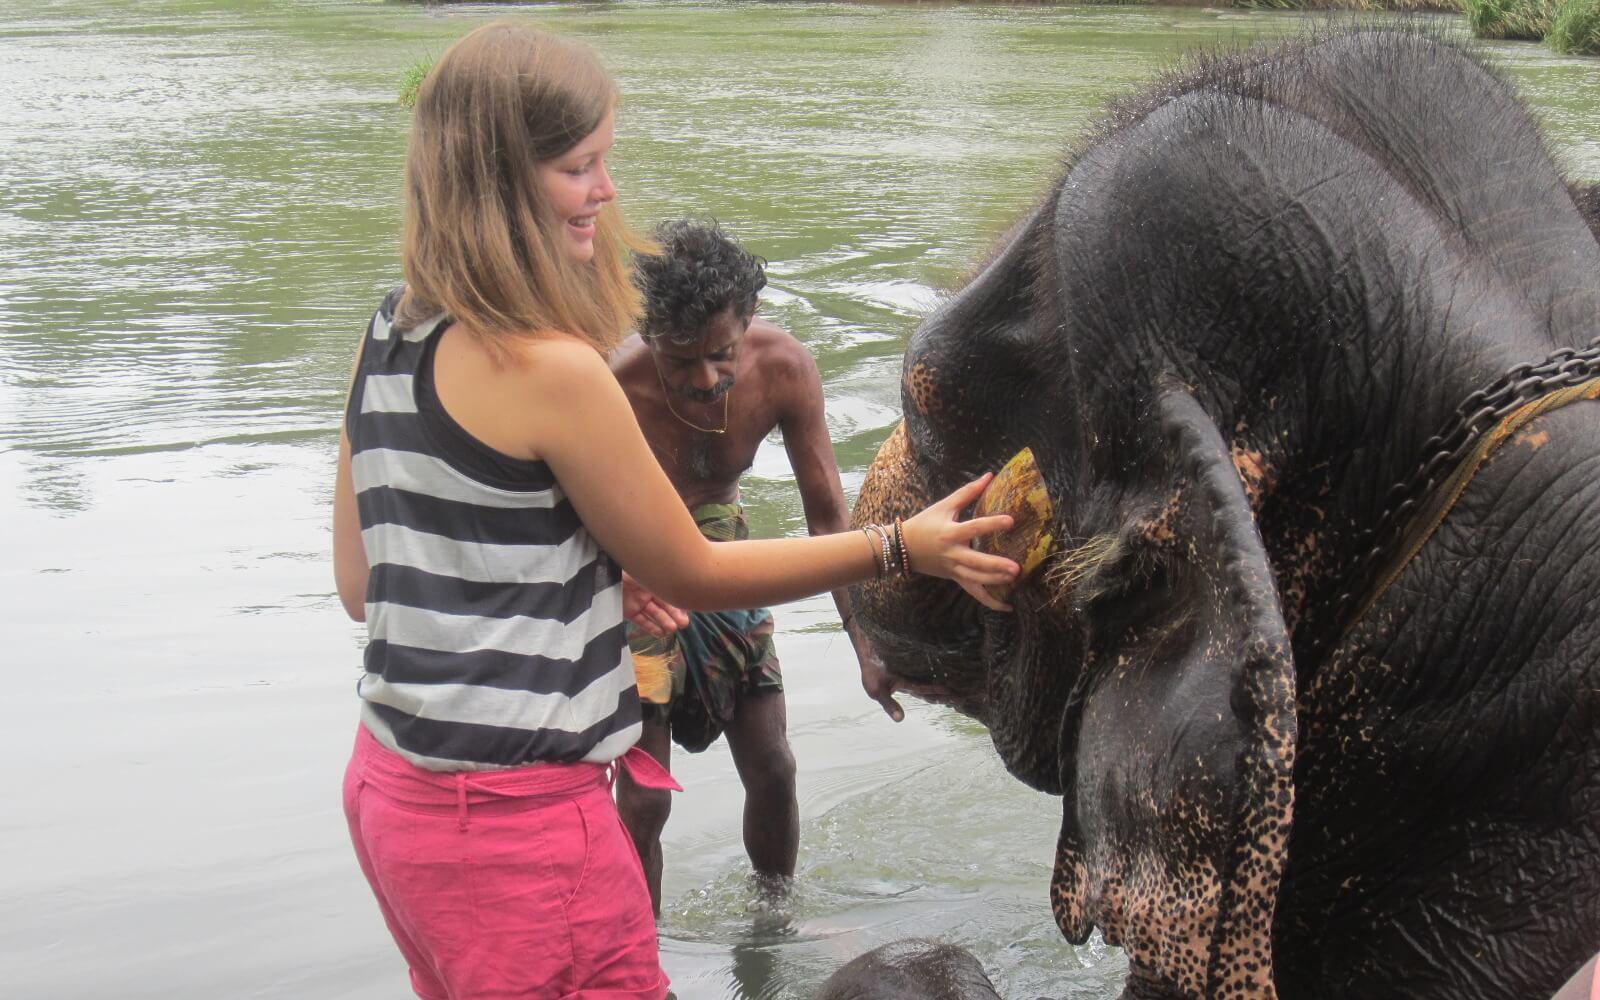 Corinna schrubbt einen Elefant